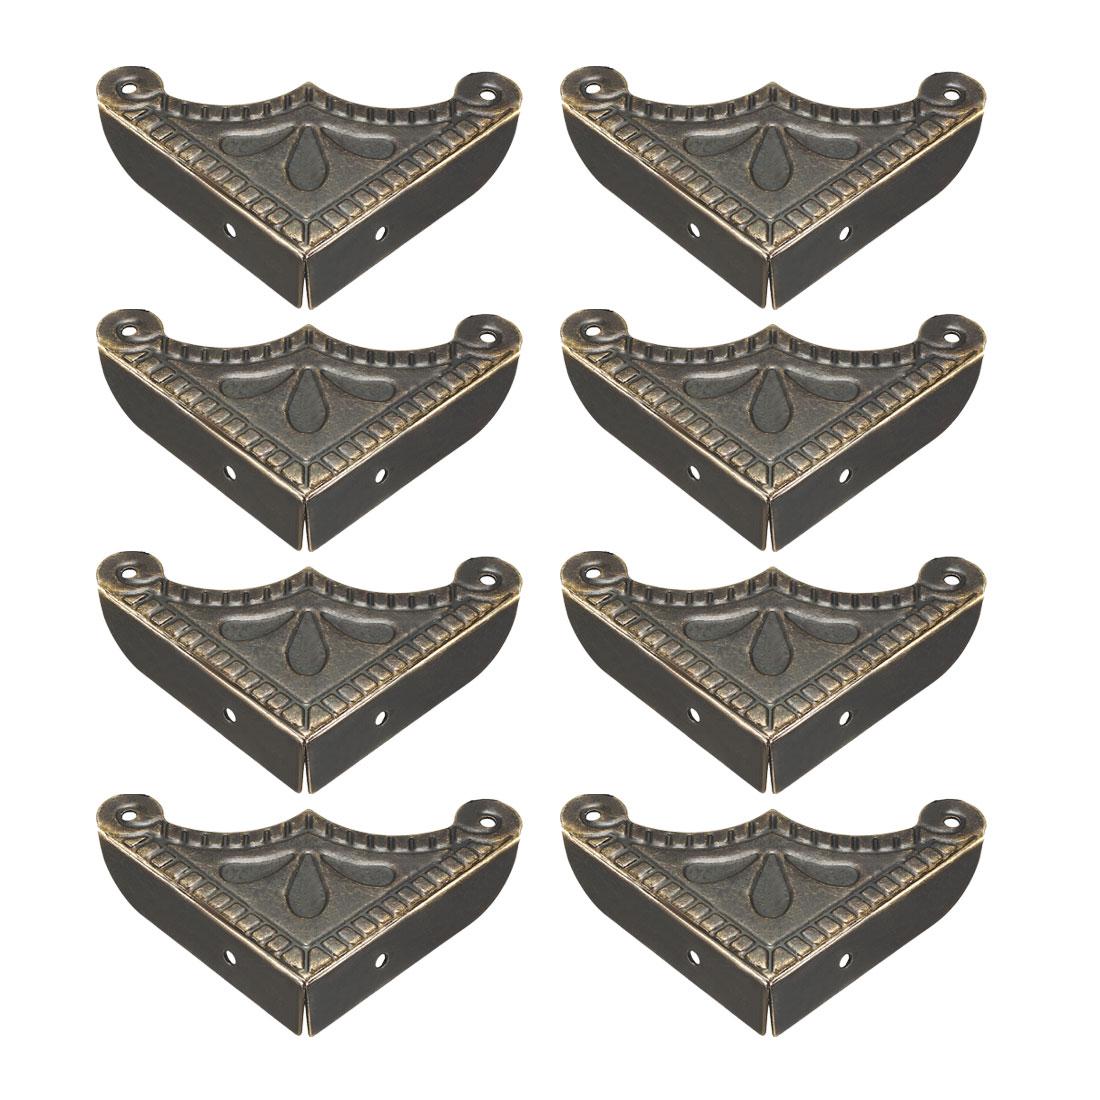 Metal Desk Corner Protectors Table Edge Cover Guard 39x39x9mm Bronze Tone 8pcs